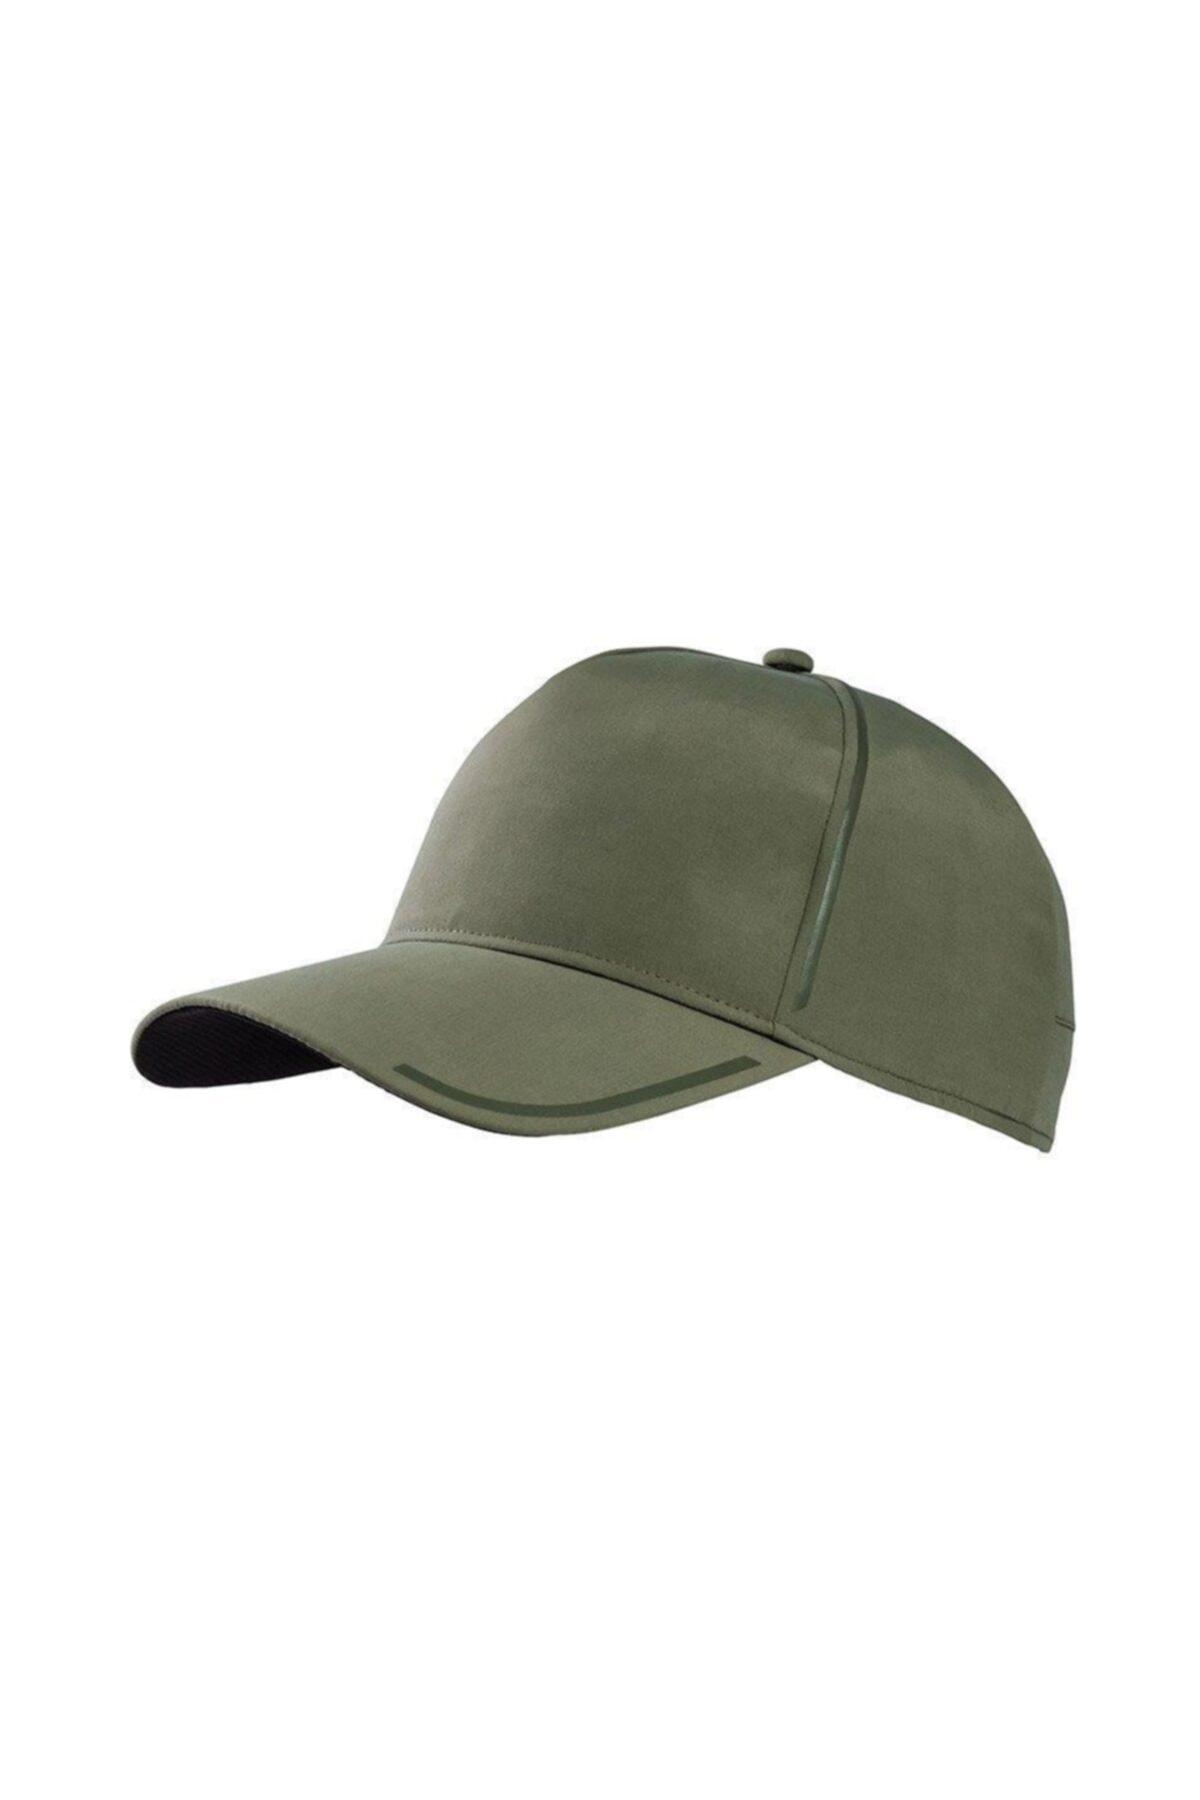 Jack Wolfskin Henderson Cap Unisex Şapka - 1906791-5052 1